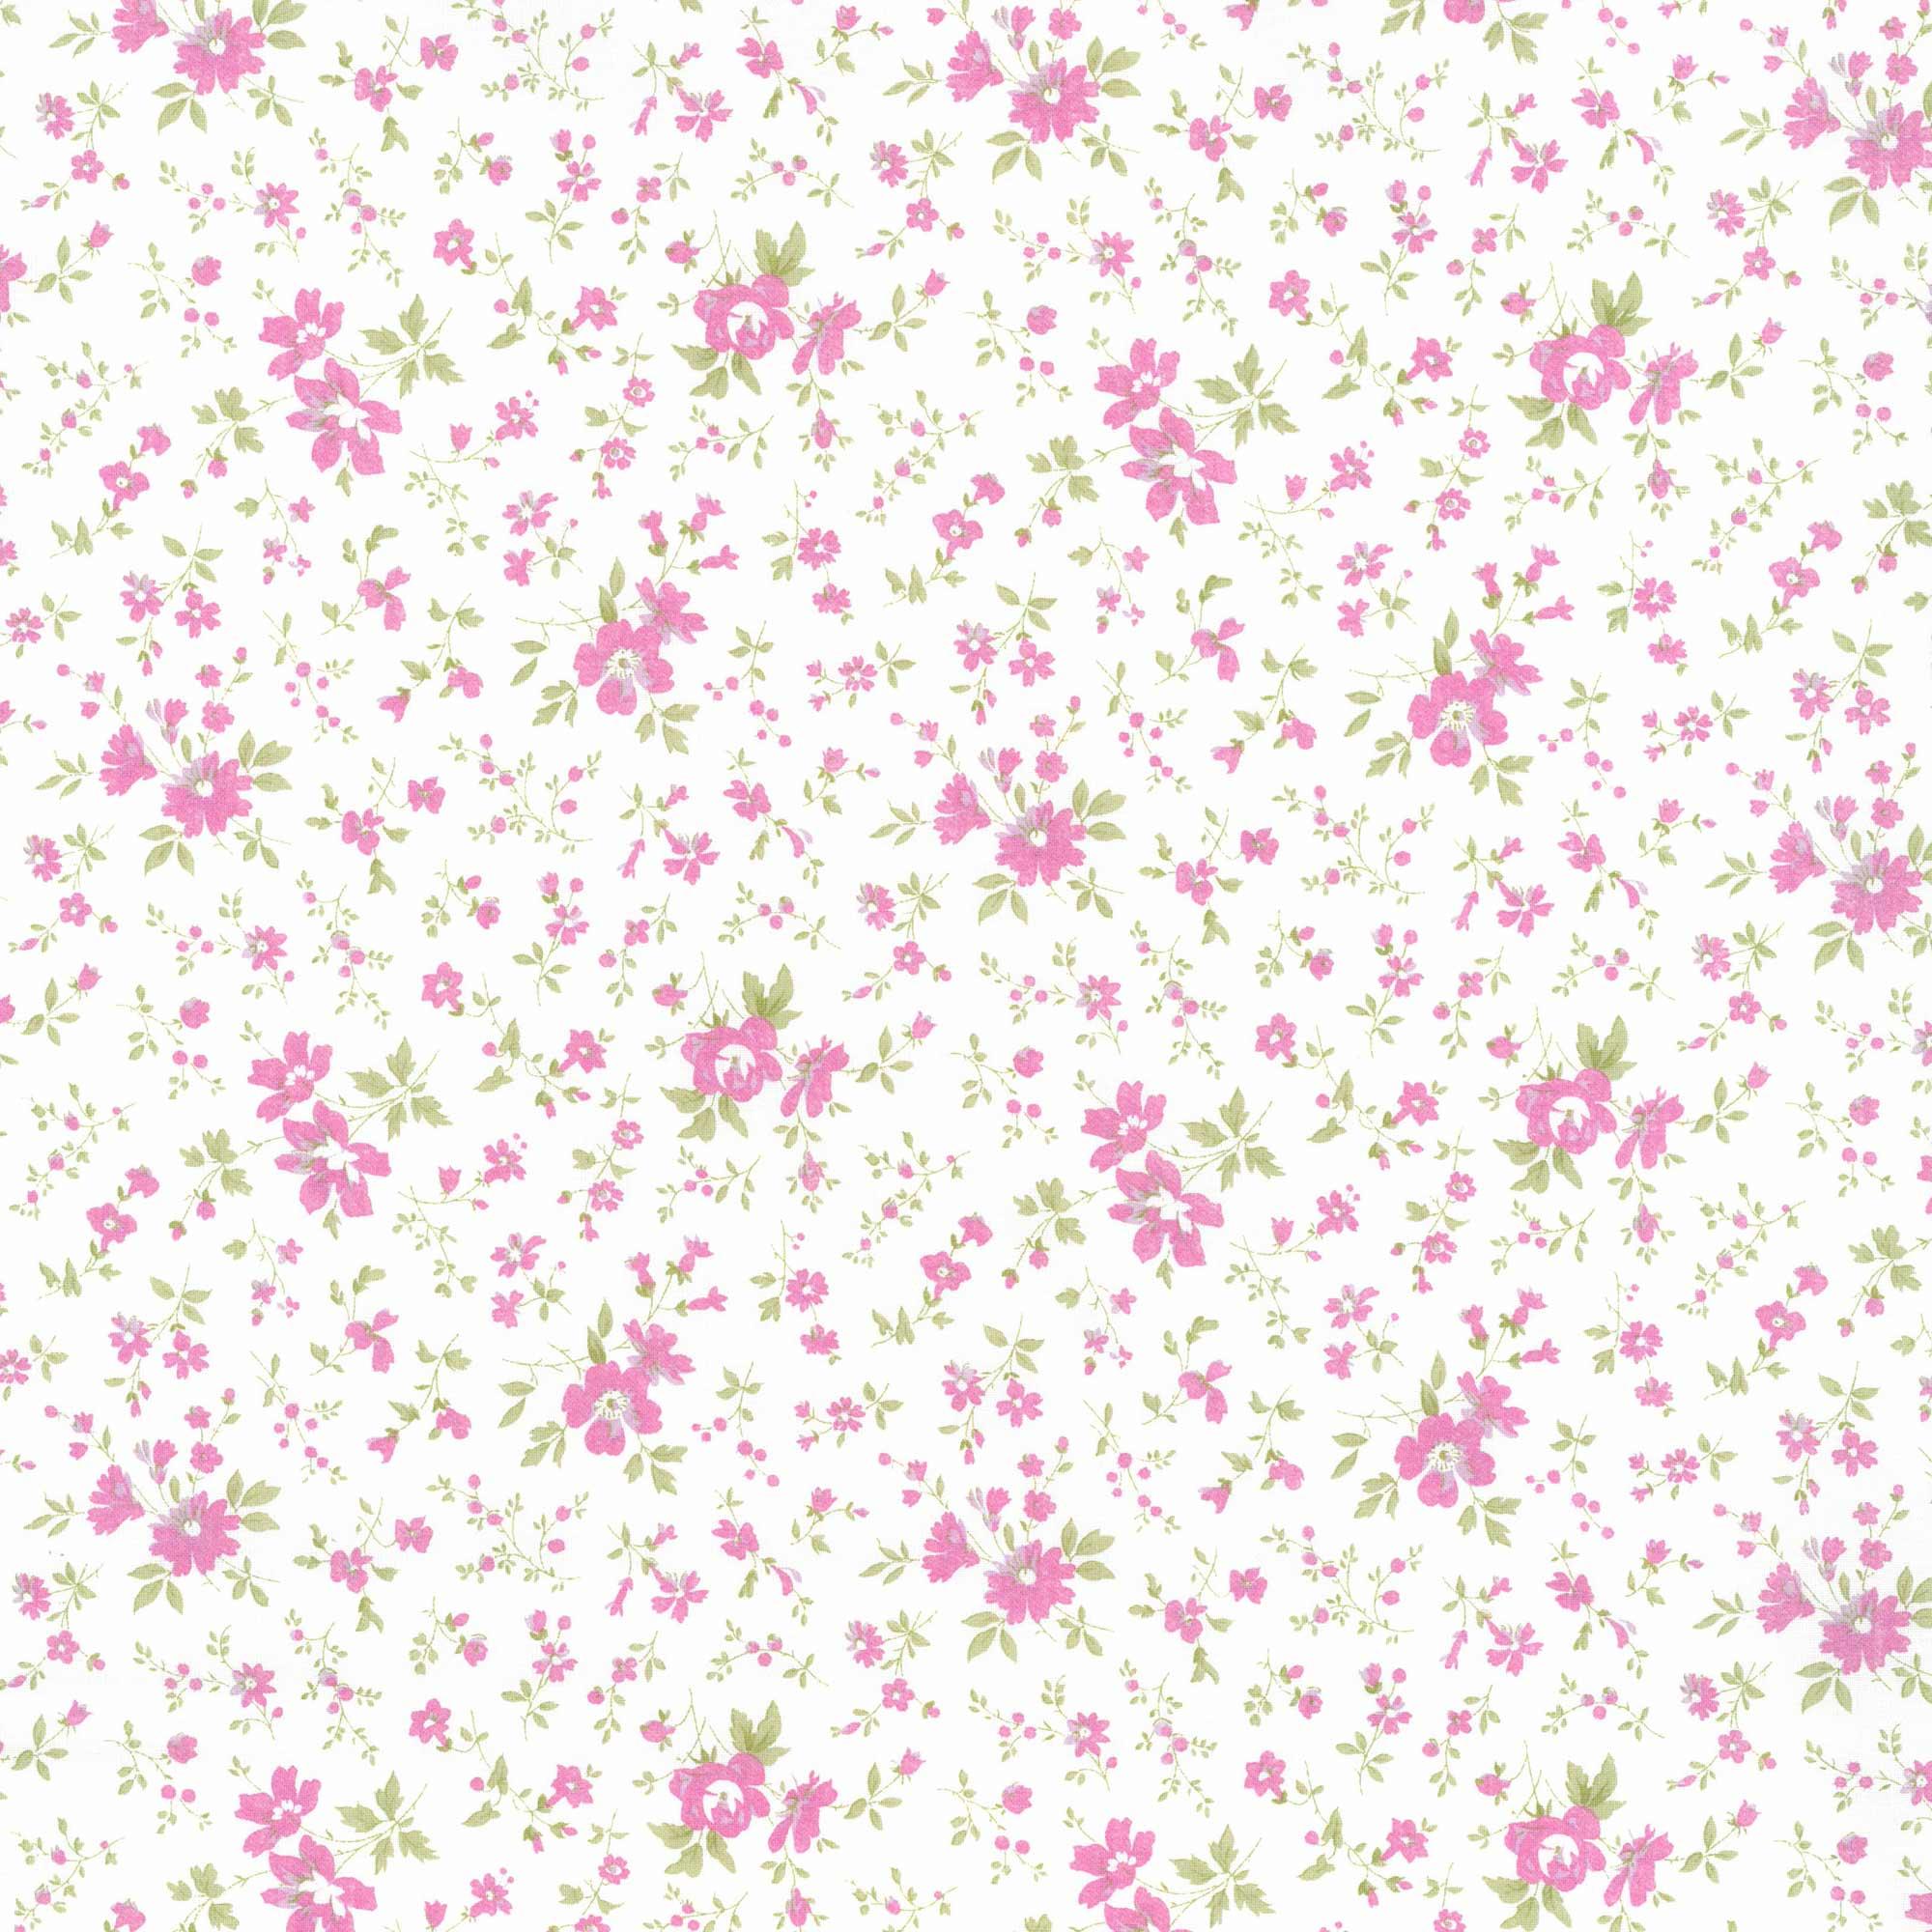 produkt_img/014006909.jpg